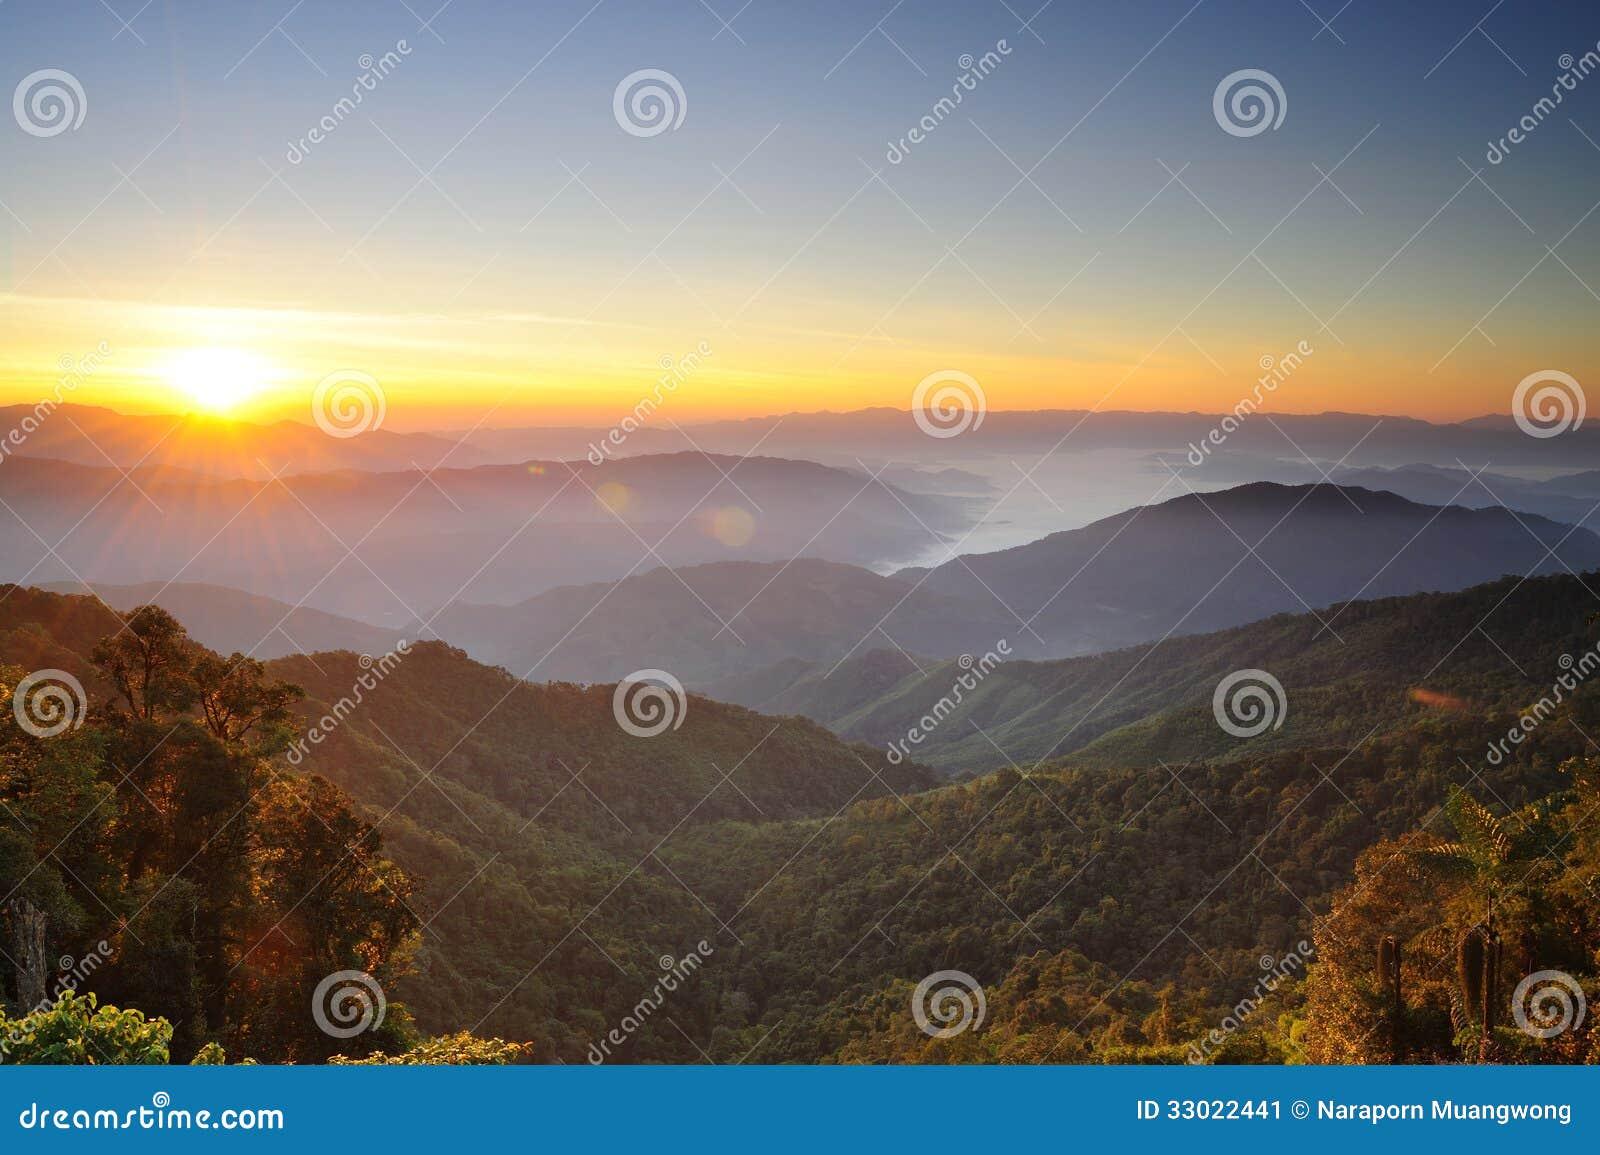 Pores do sol sobre montanhas